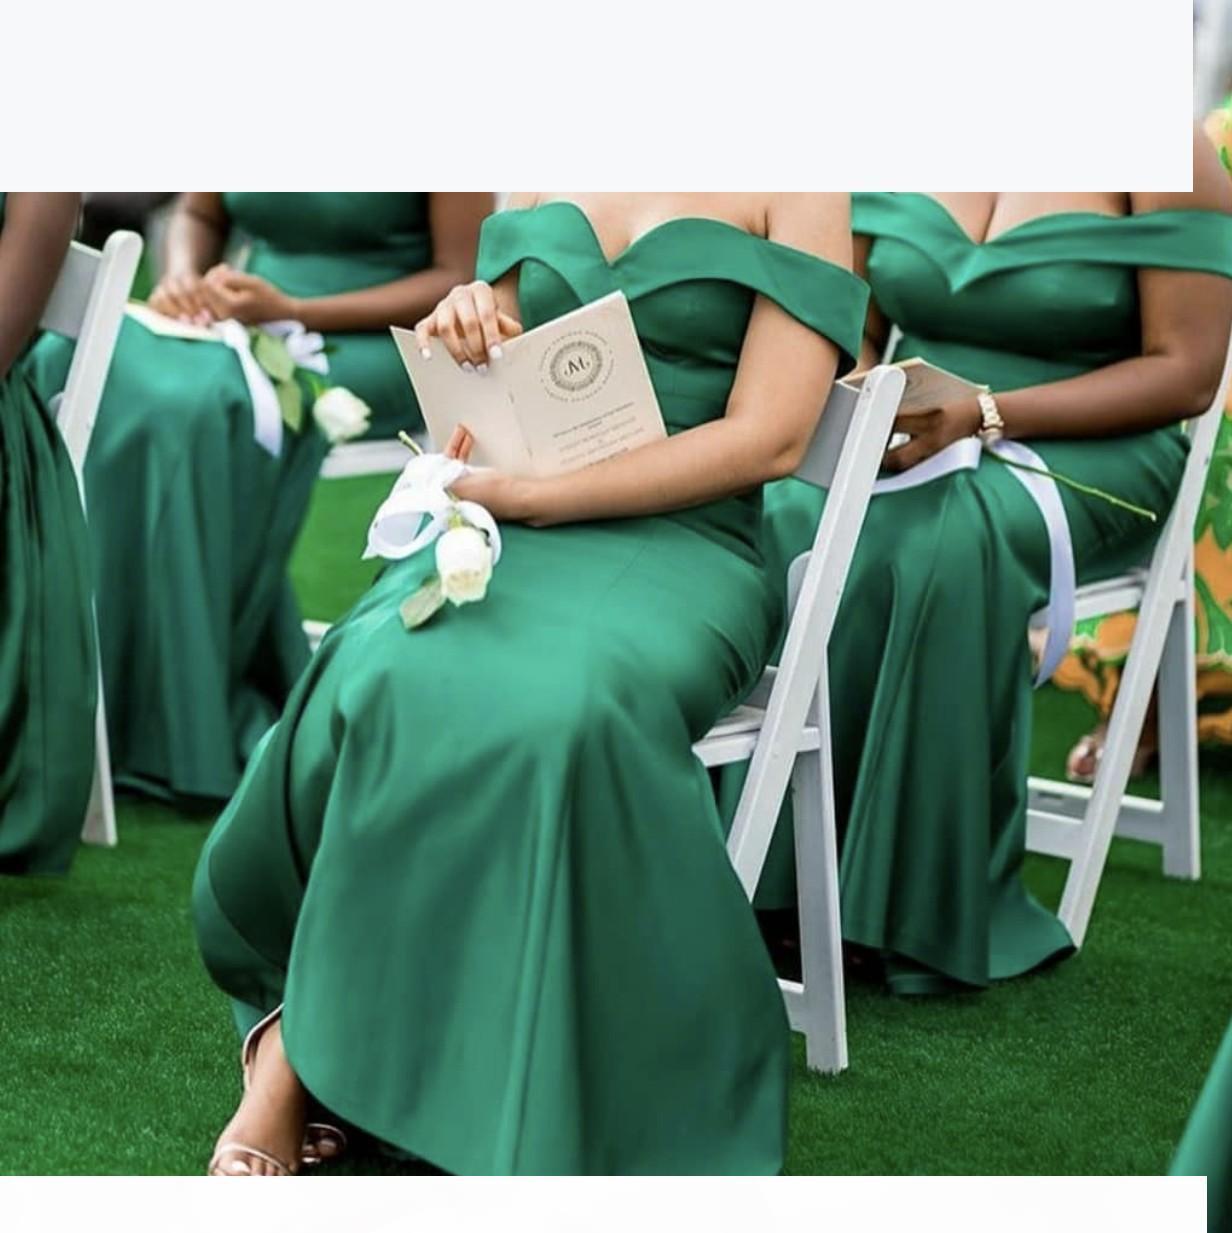 Grüne Brautjungfer Kleider einzigartiges Design 2021 Neue Satin-Hochzeit Guest-Kleider Meerjungfrau aus der Schulter Junior-Mädchen von Ehrenkleid billig